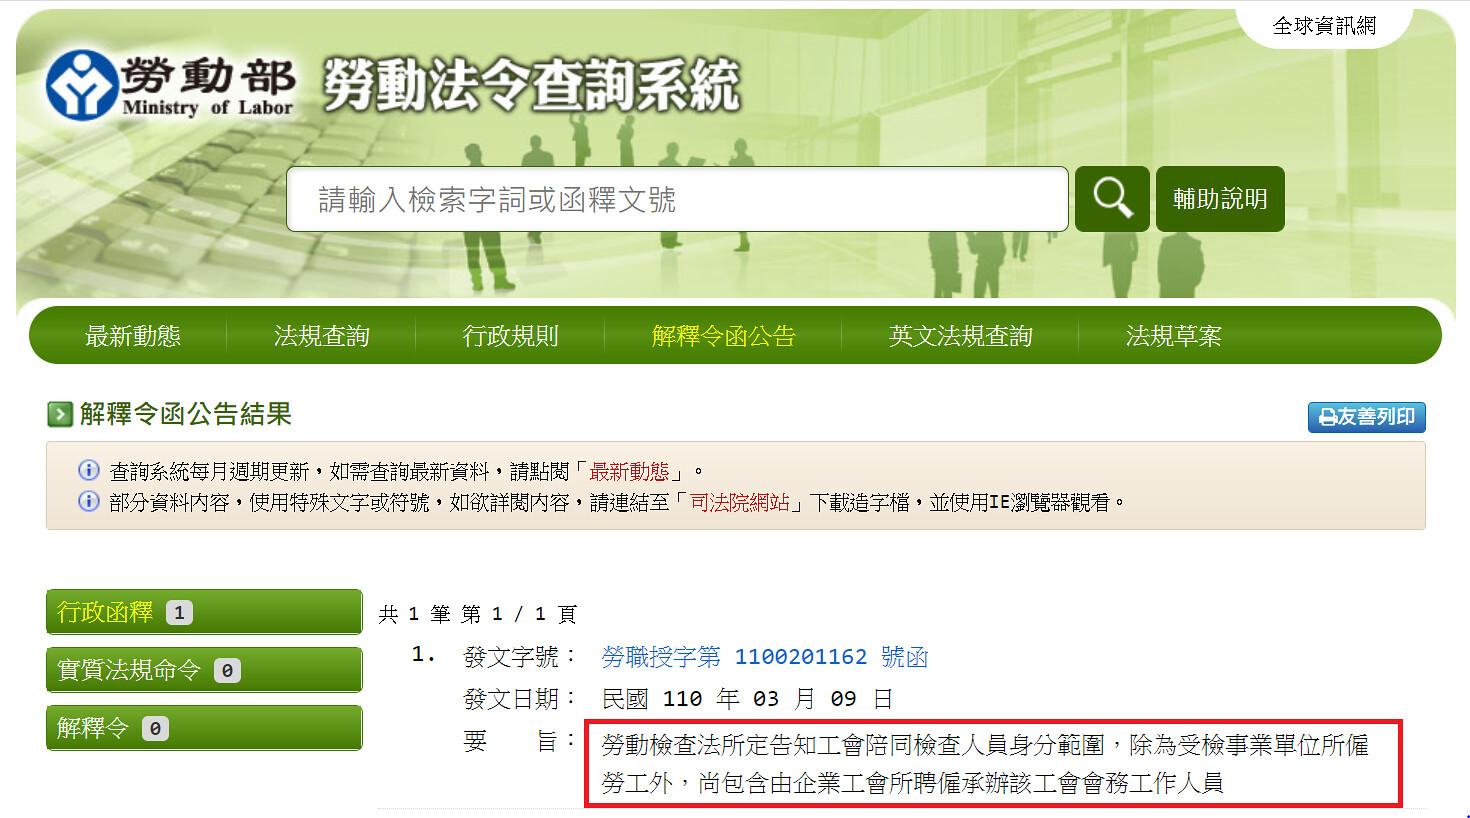 勞動部發布新函釋,將「企業工會會務人員」重新納入可陪同勞檢的對象。(擷取自勞動部網站)